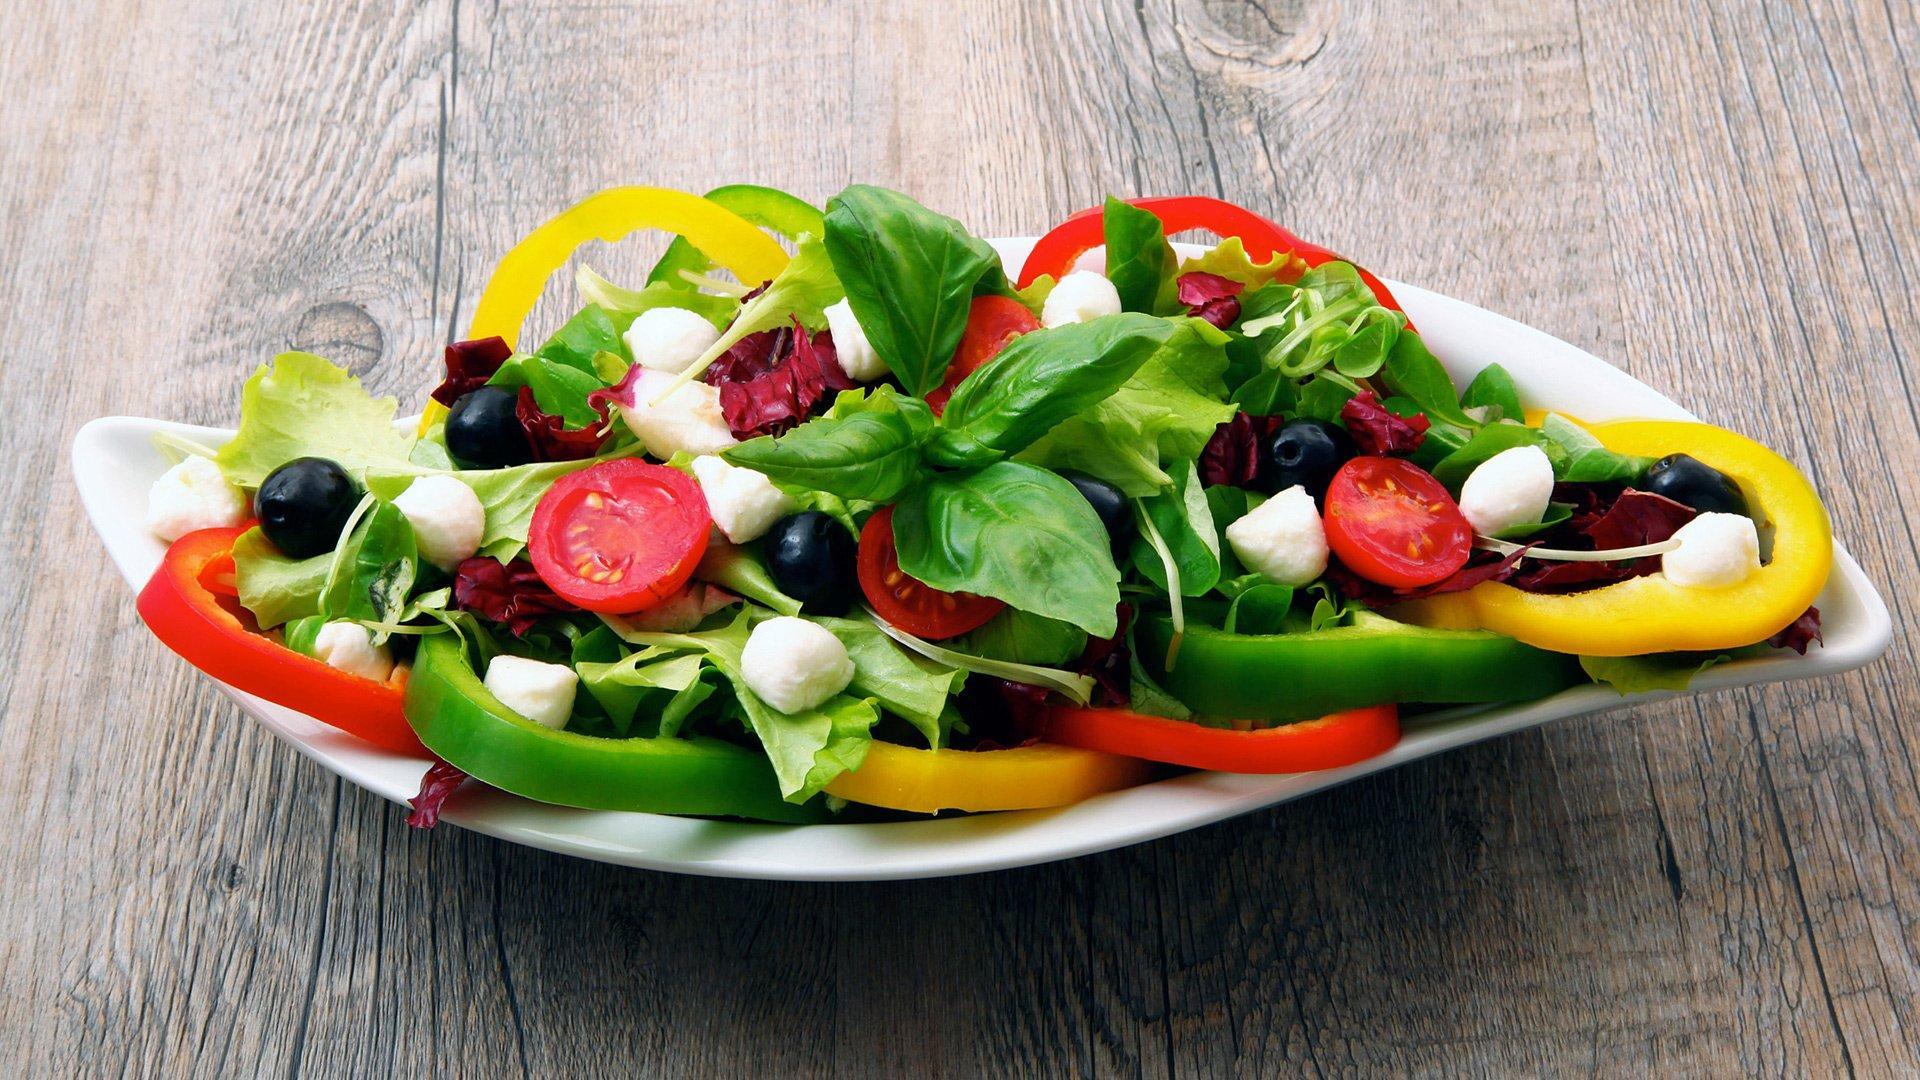 Четкое следование средиземноморской диете замедляет снижение памяти и умственной работоспособности